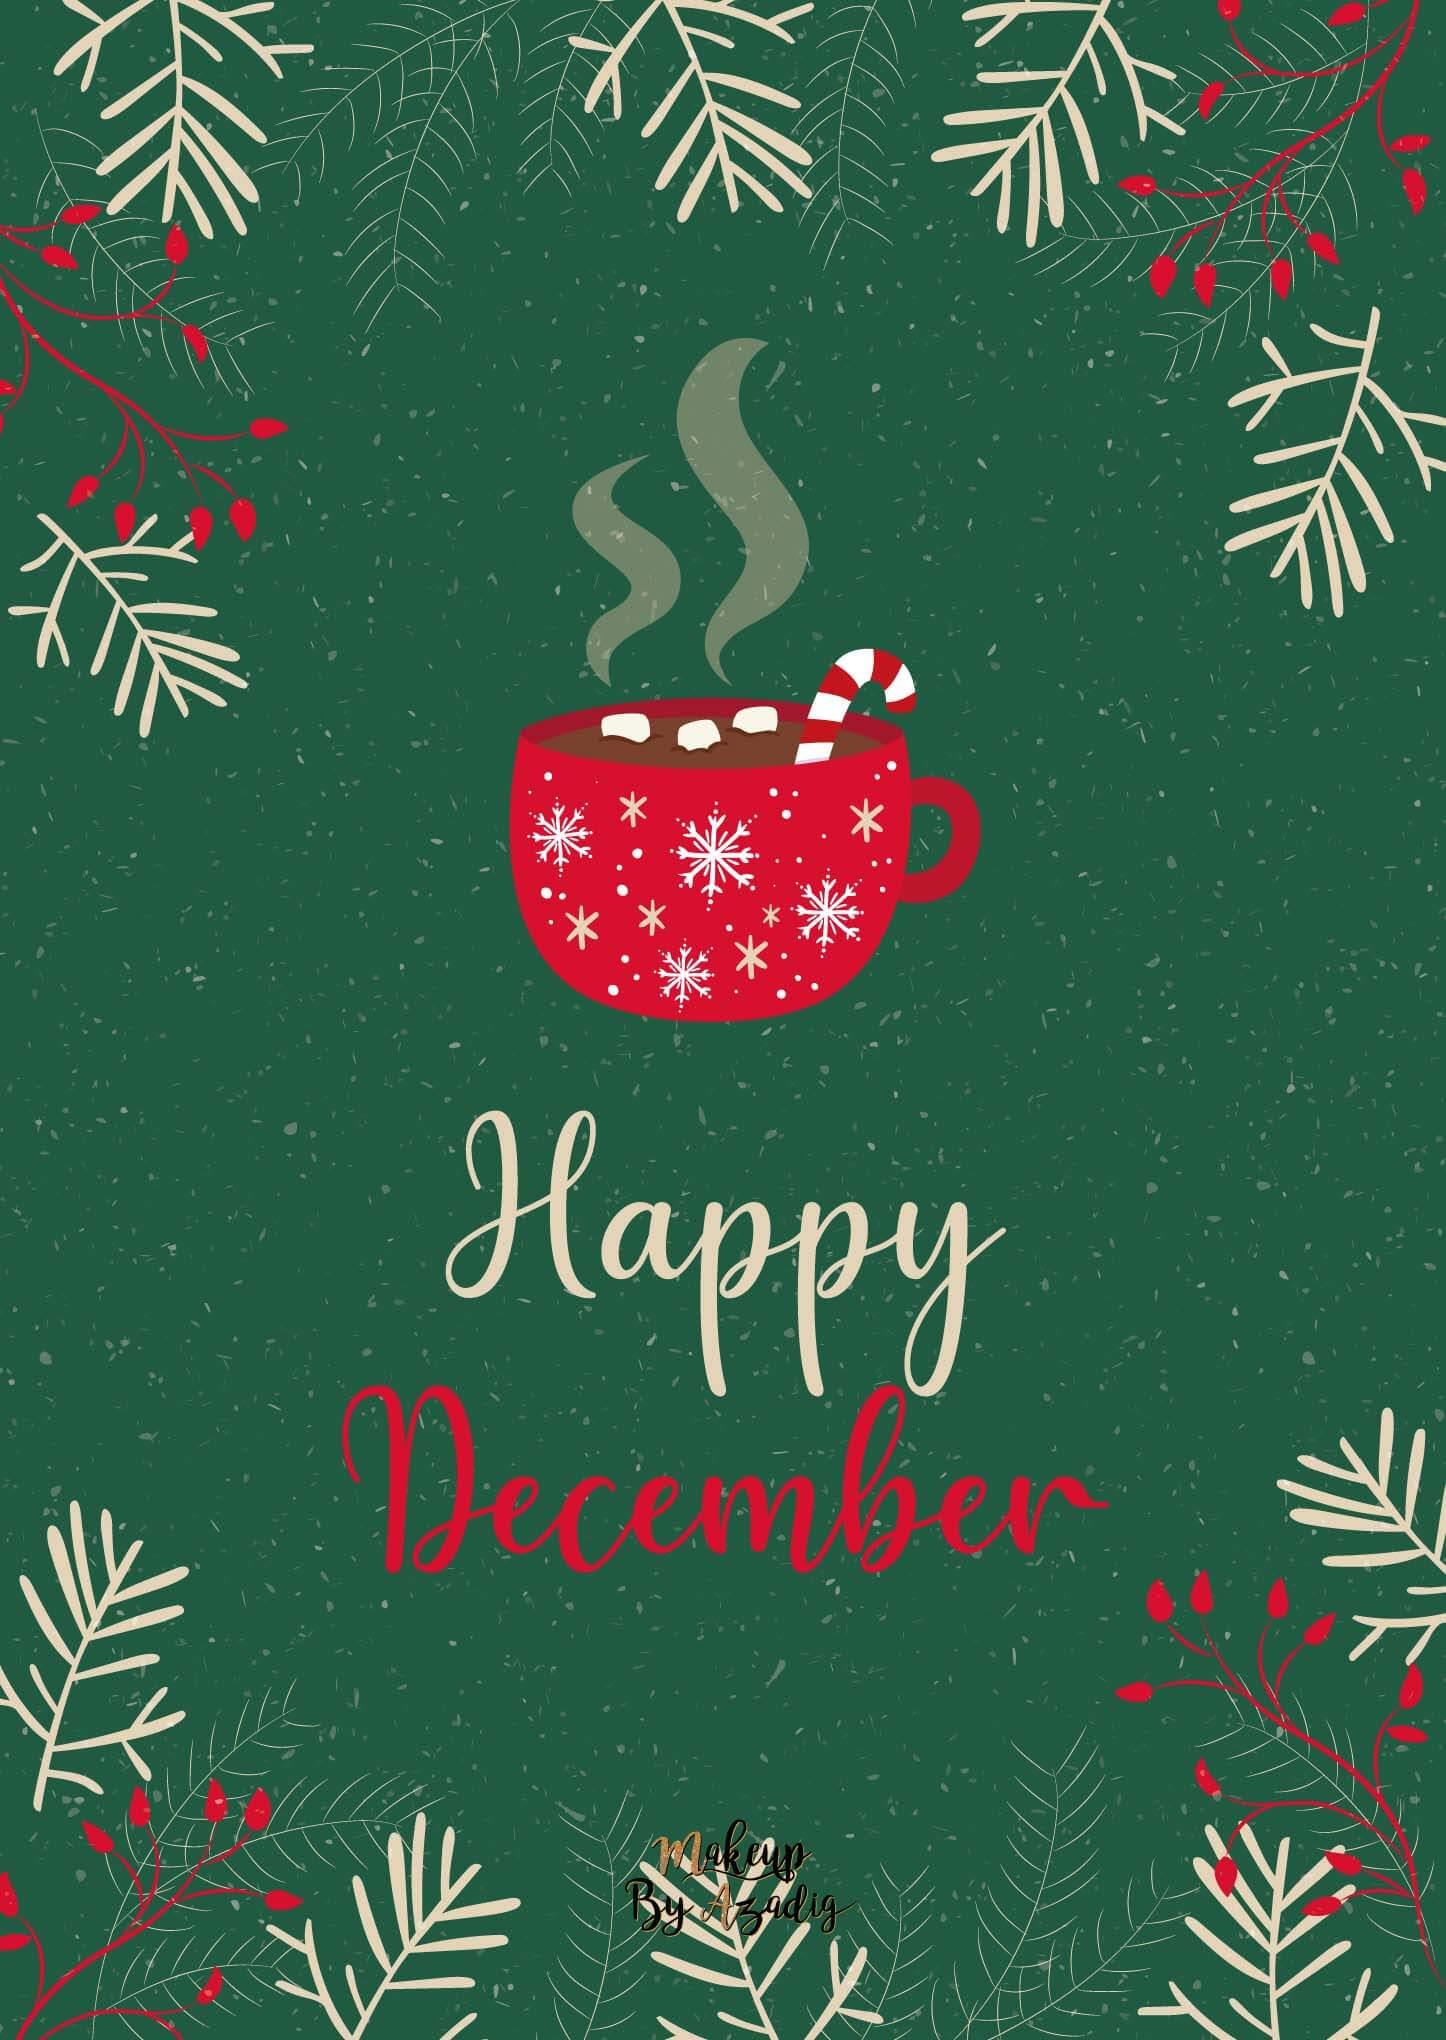 fond-decran-wallpaper-christmas-noel-happy-december-ipad-tablette-apple-makeupbyazadig-tendance